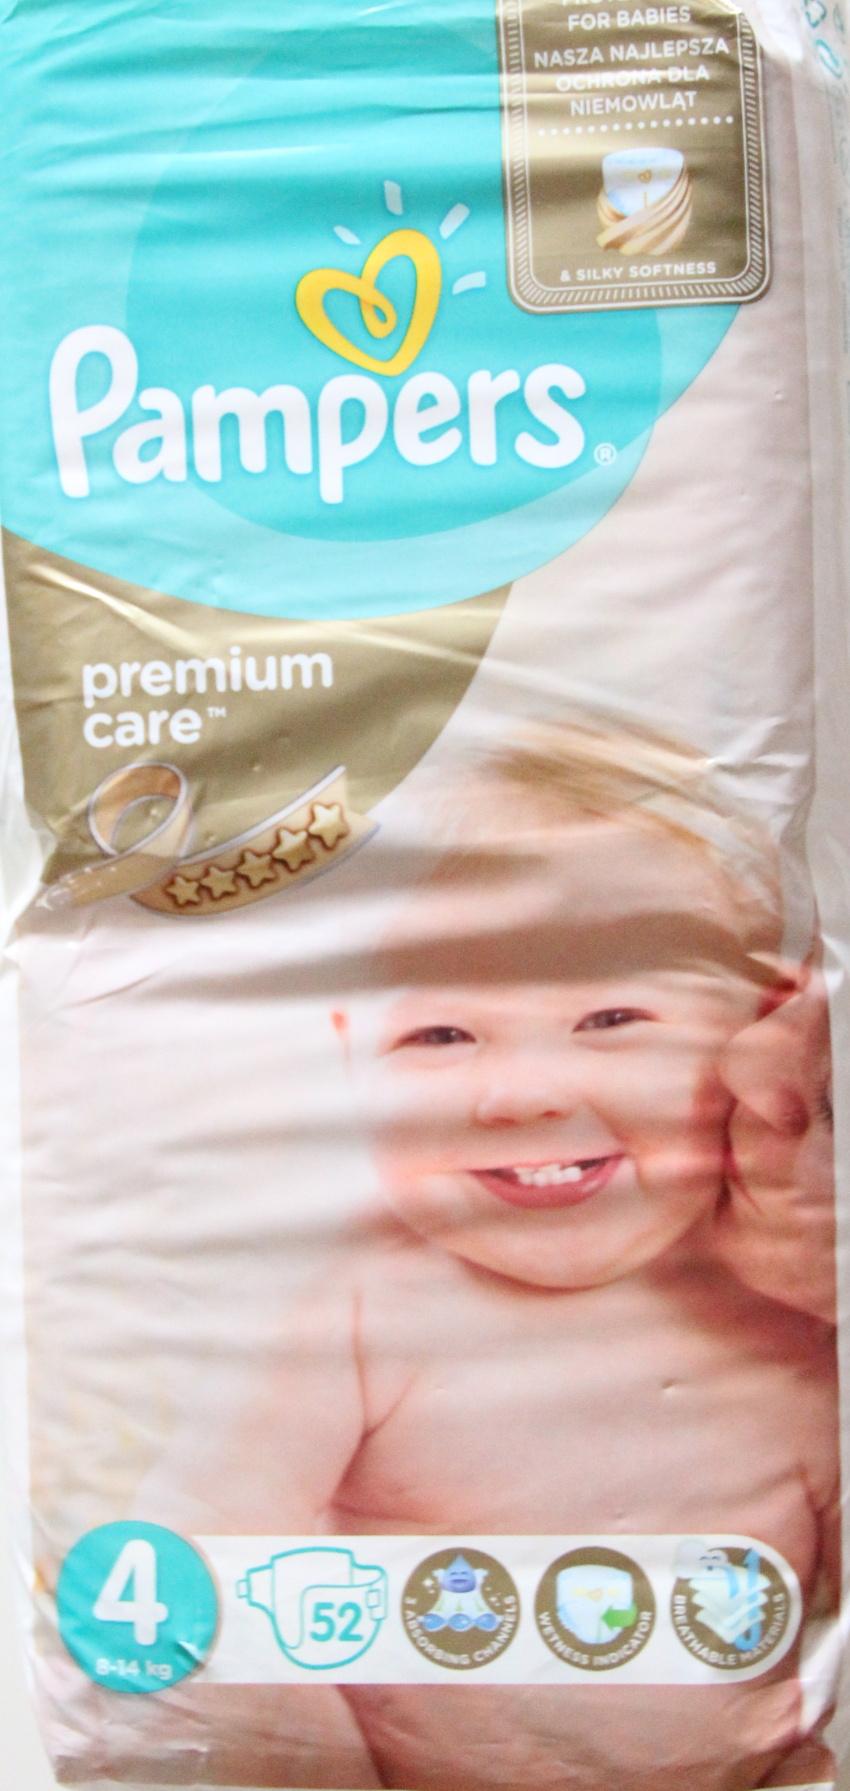 Pampers Premium Care (staré) - obal ze přední strany